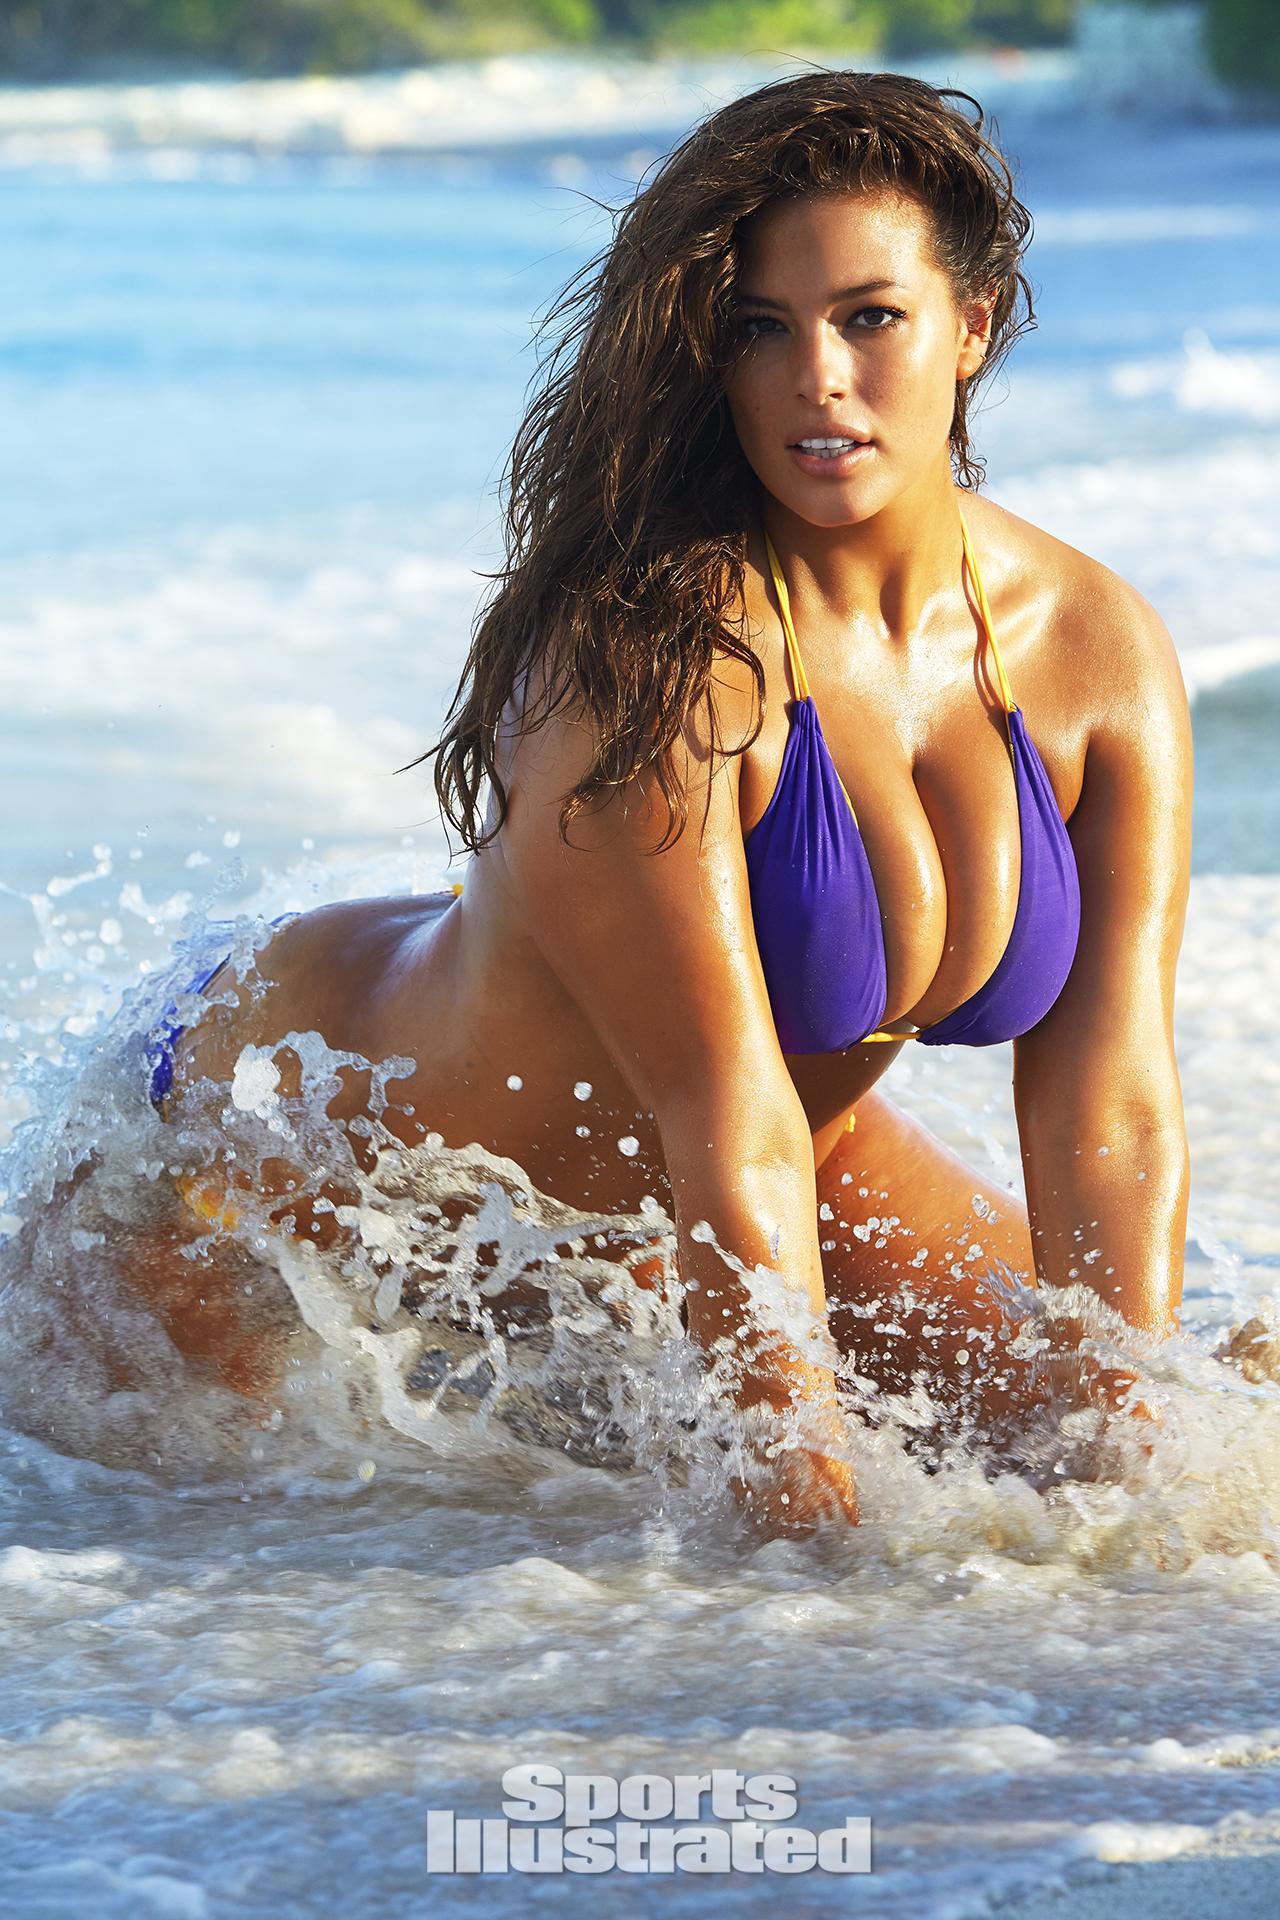 Ashley Graham Swimsuit Photos, Sports Illustrated Swimsuit ...